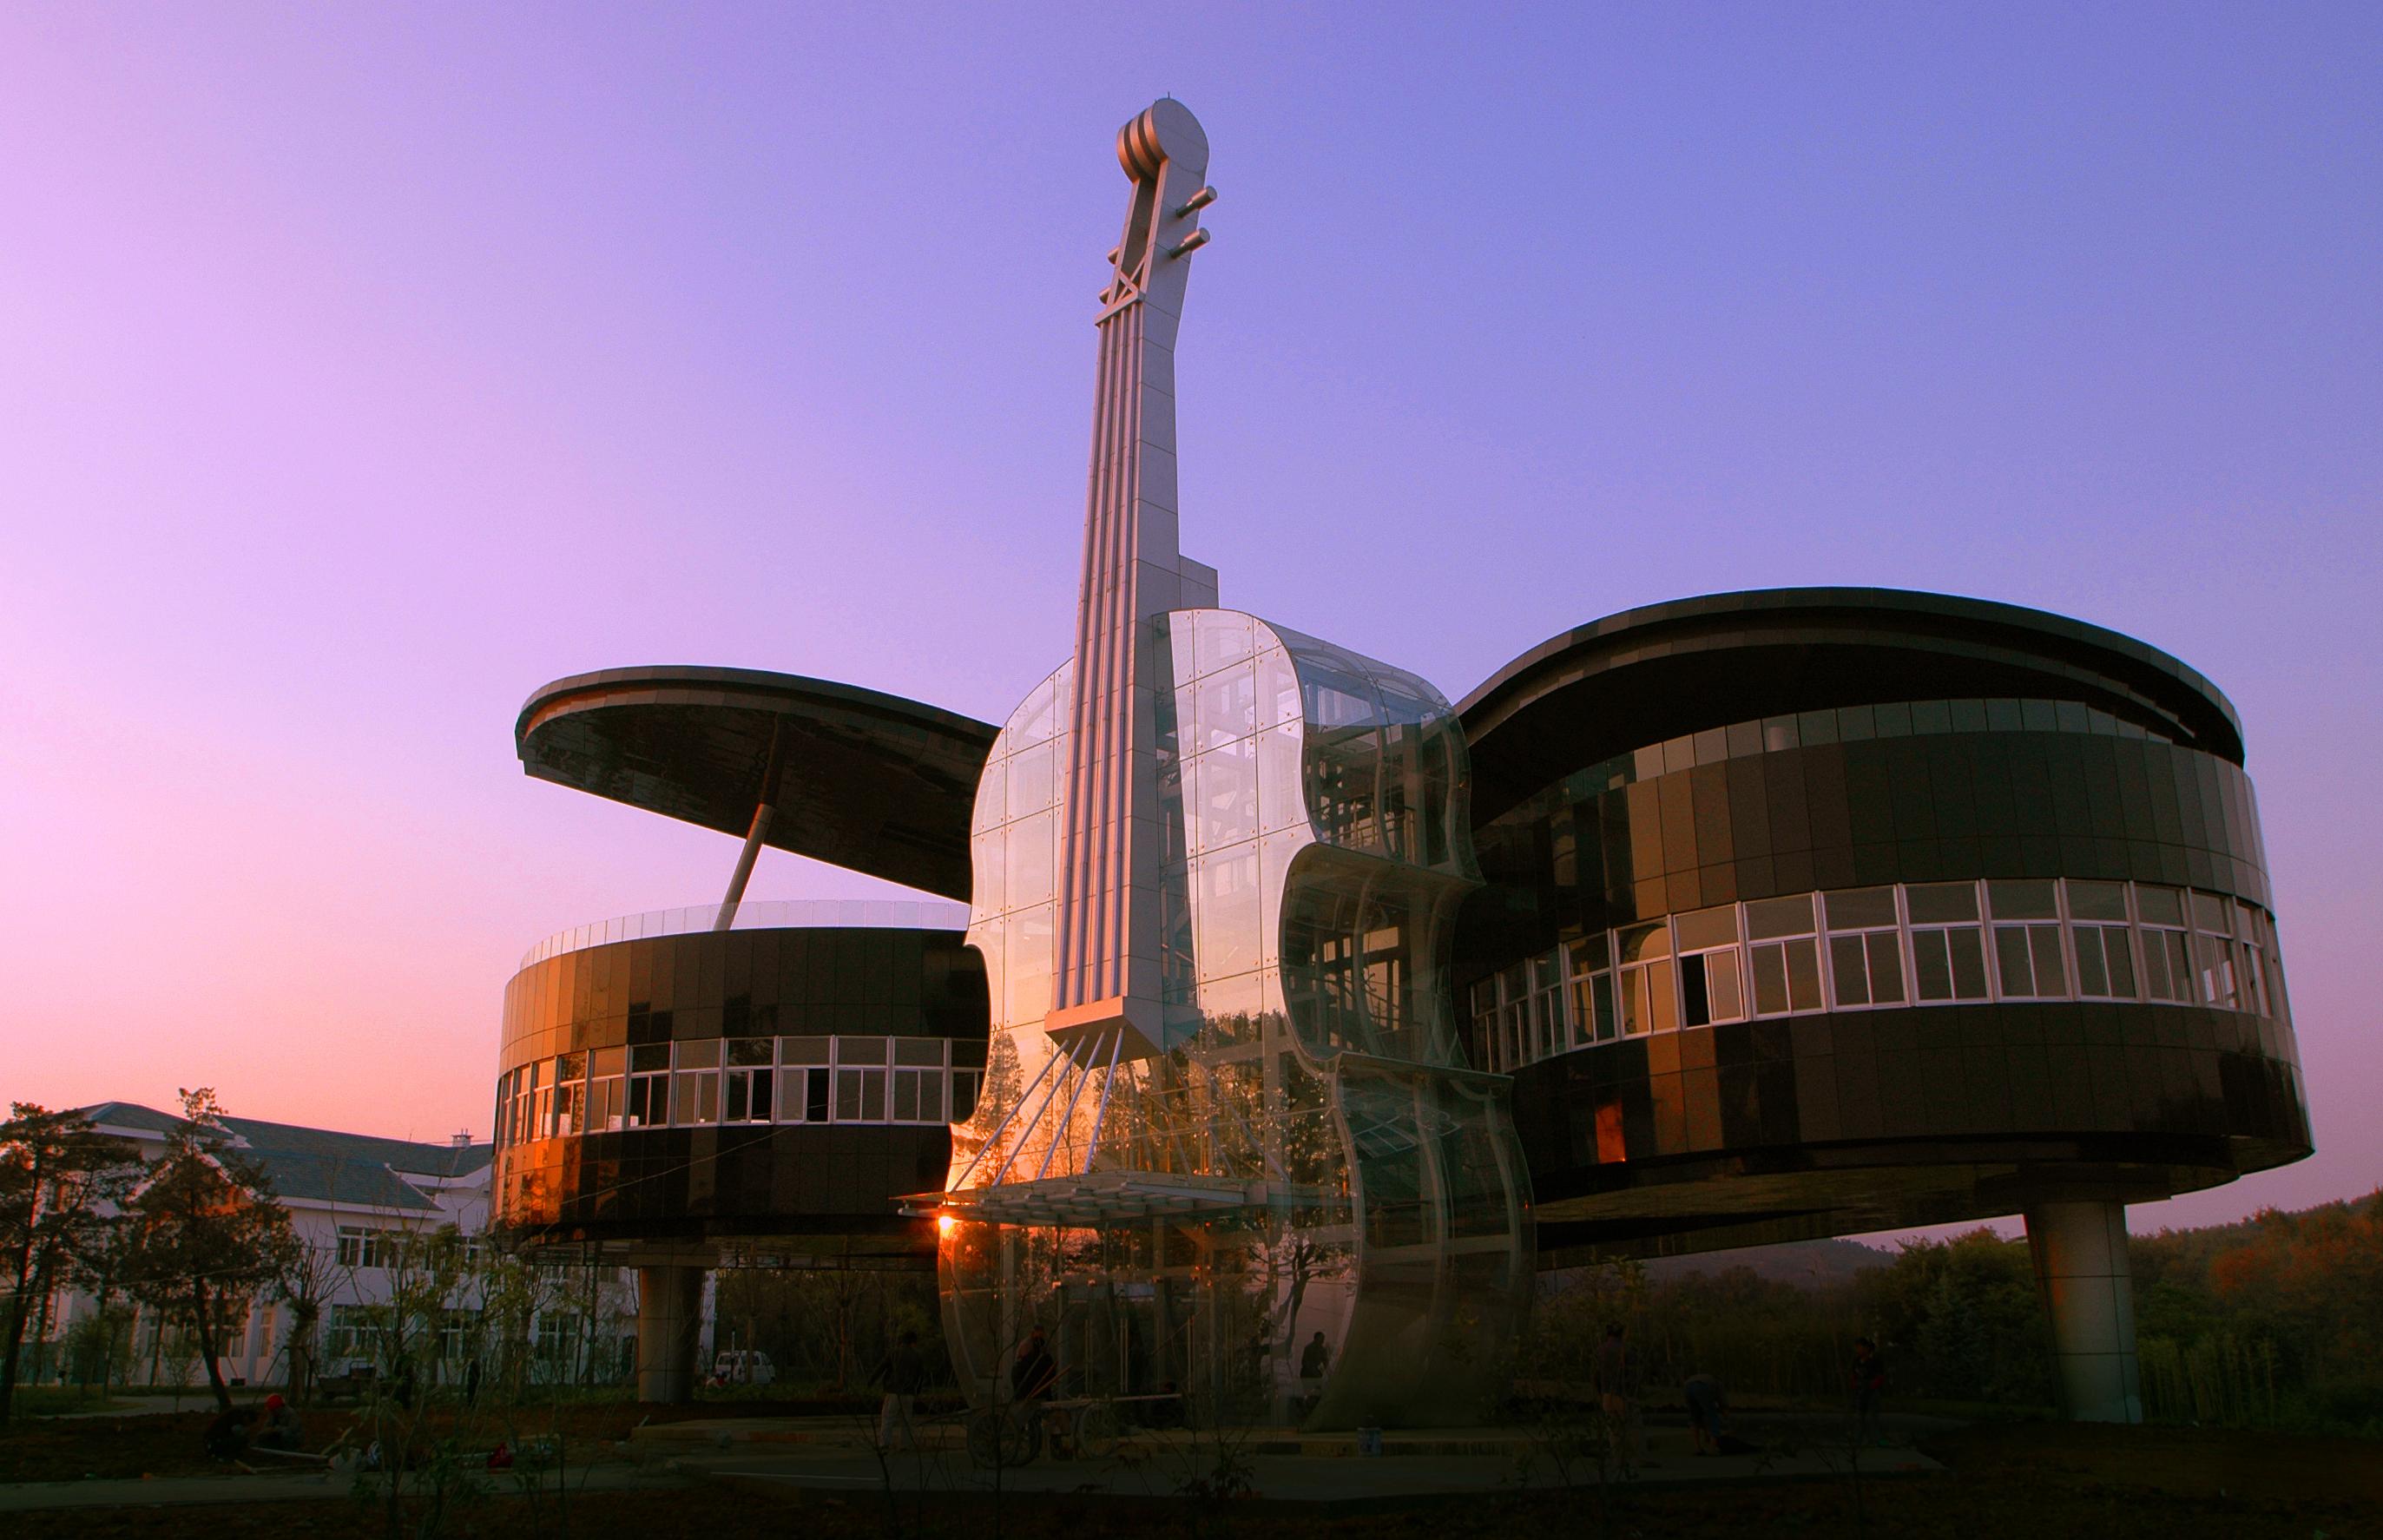 Pontos tur sticos chineses geotesc for Casa moderna 1 piano